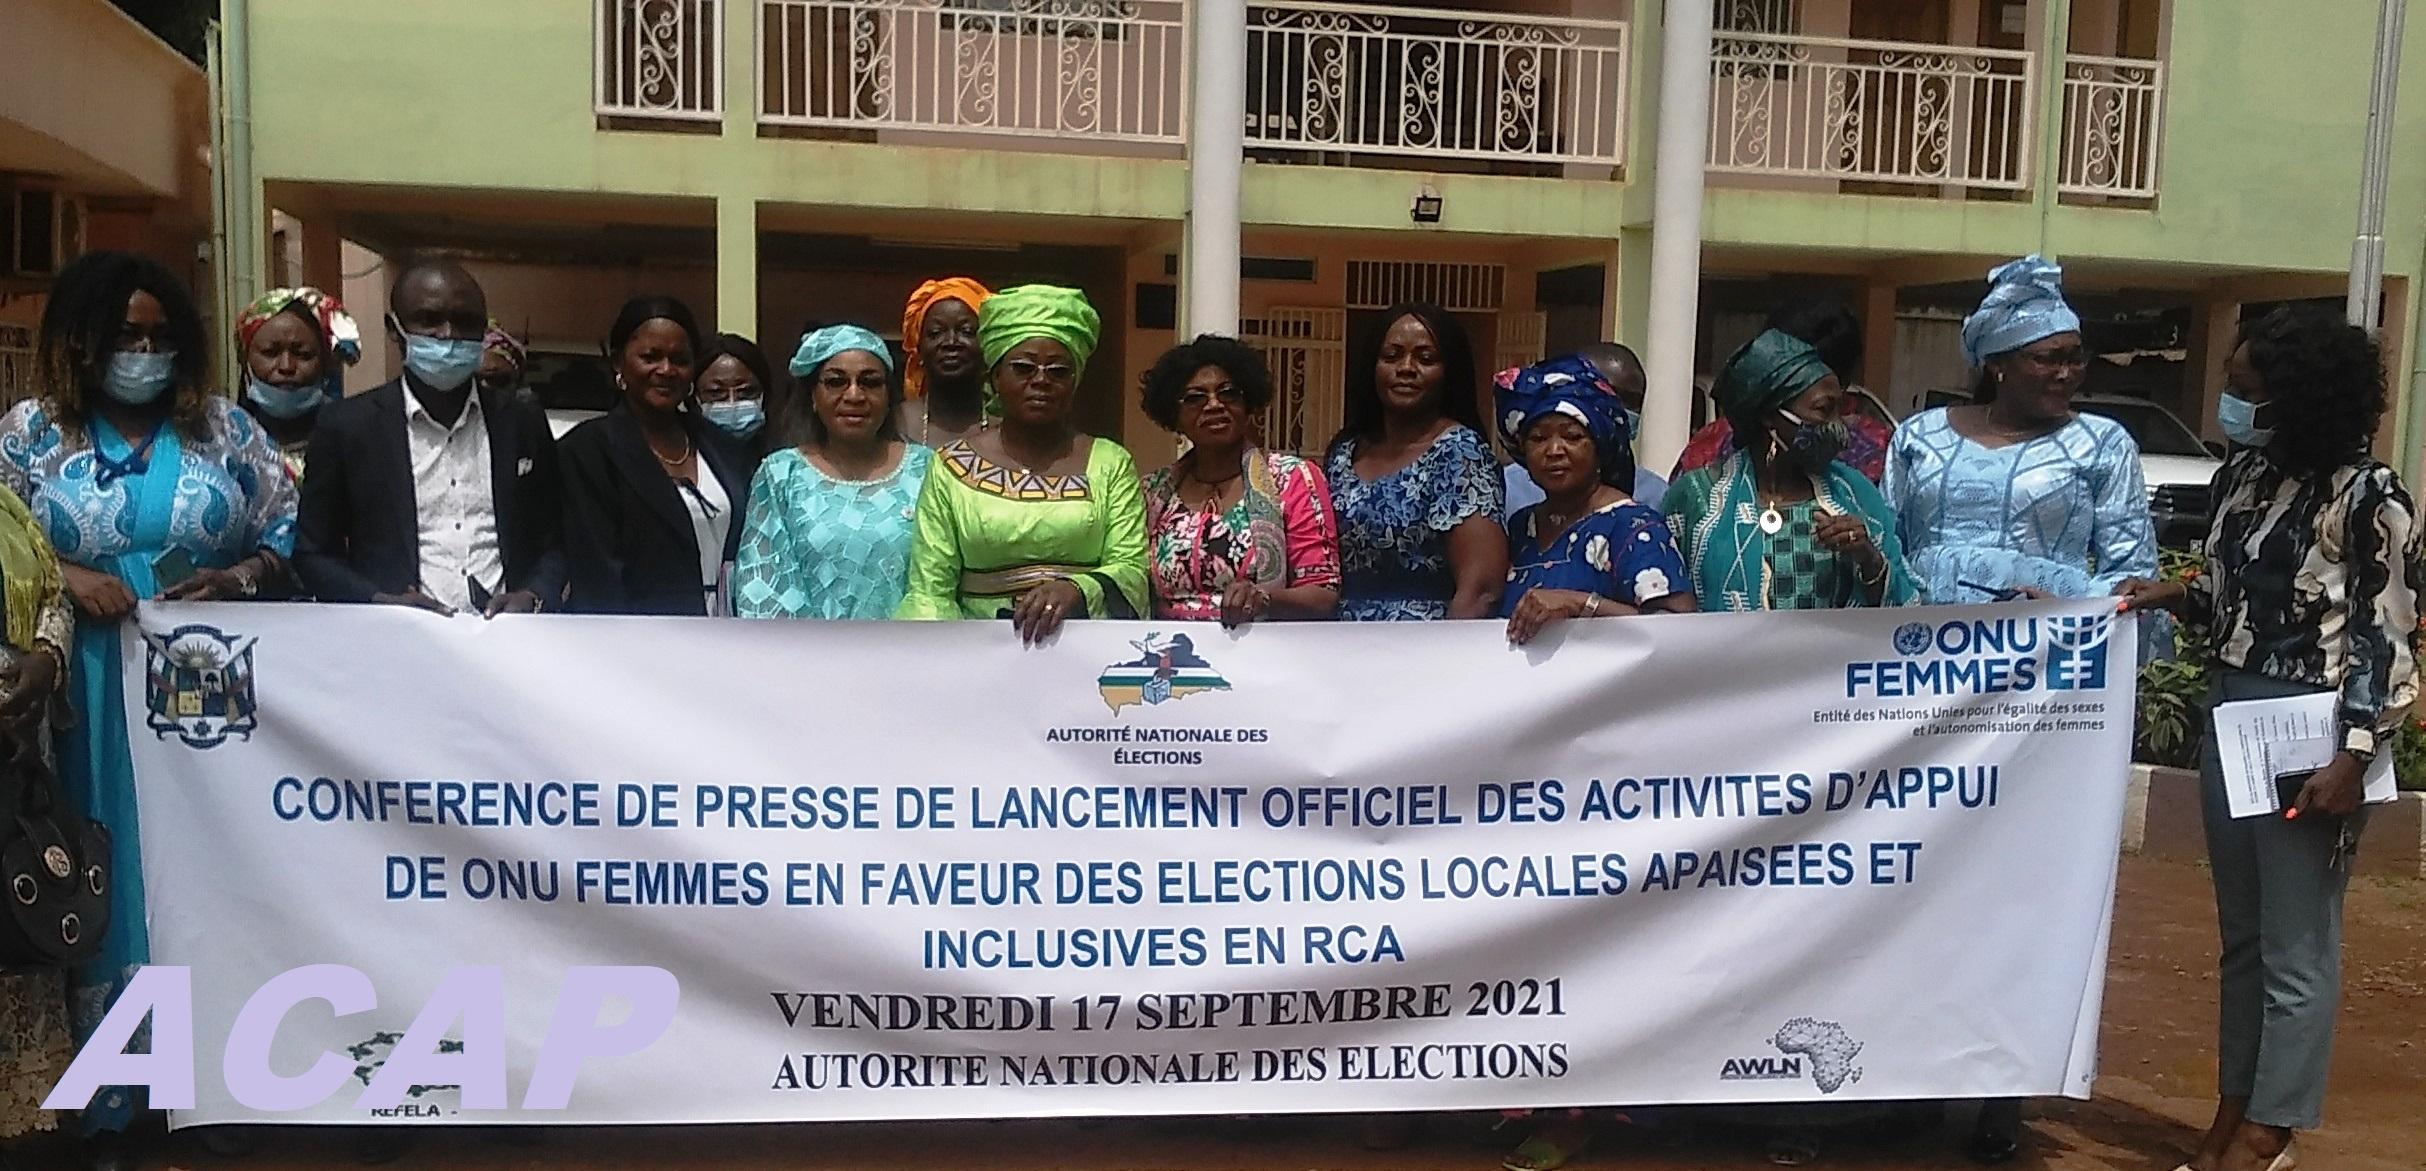 L'ONU femmes annonce son soutien aux femmes aux prochaines élections locales